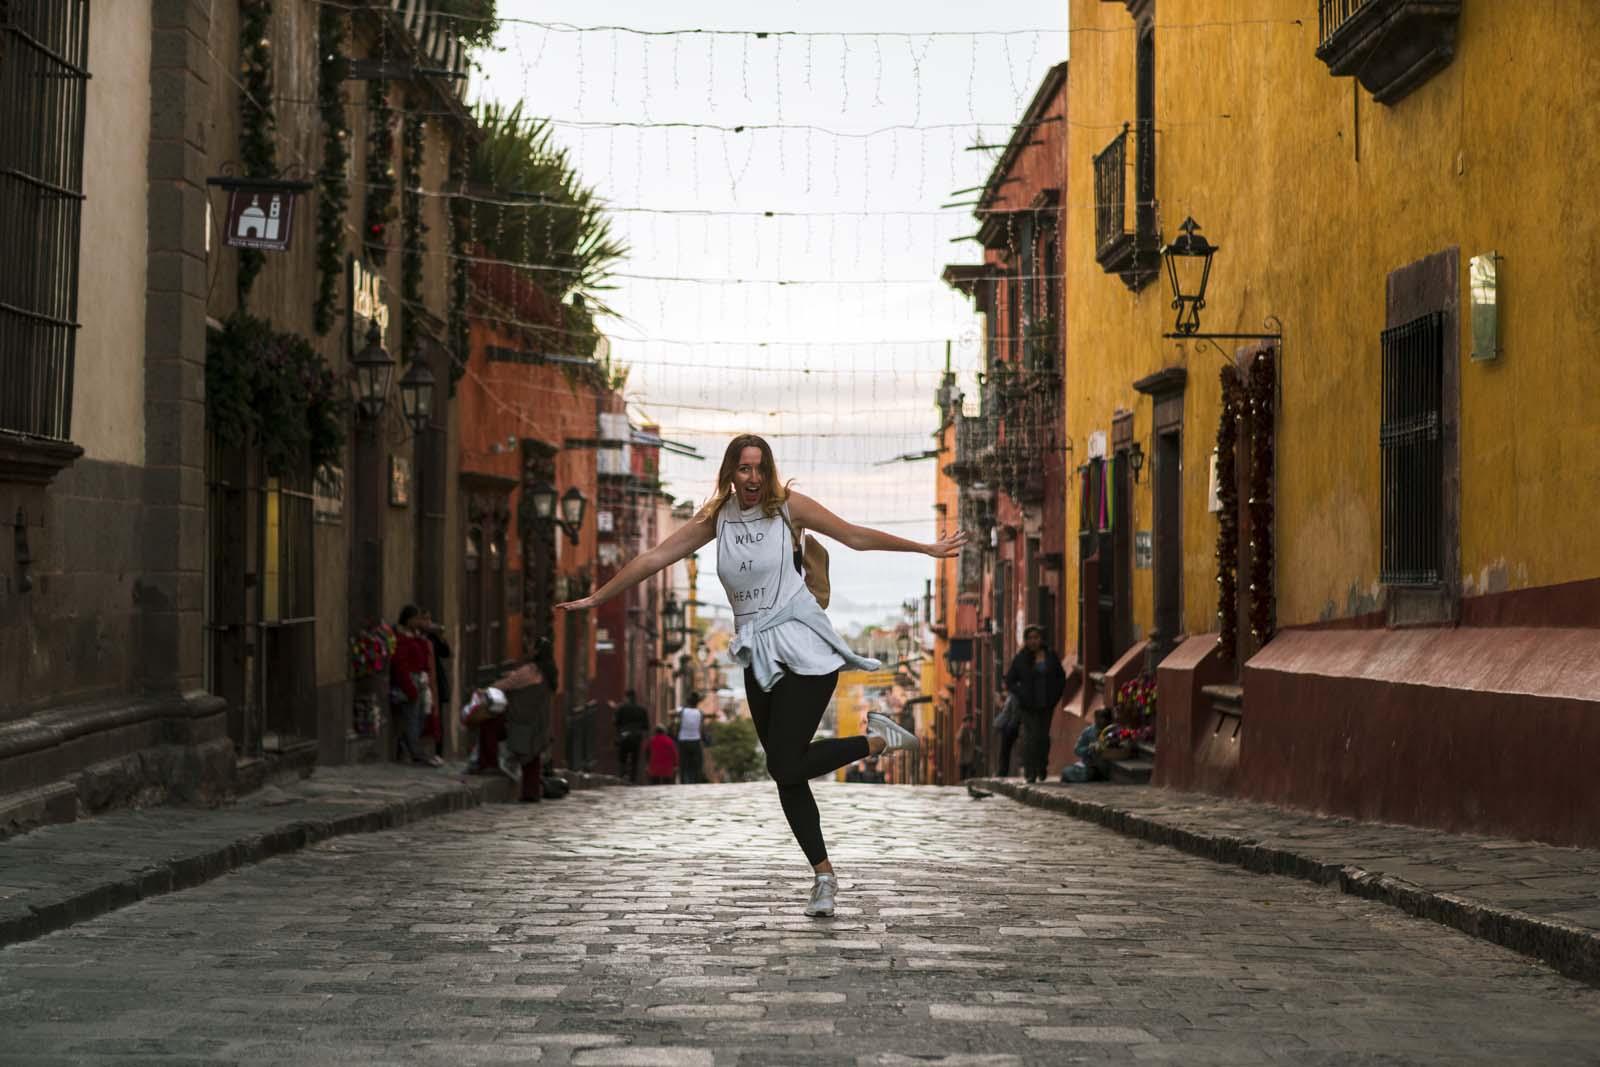 Dancing in the streets of San Miguel de Allende